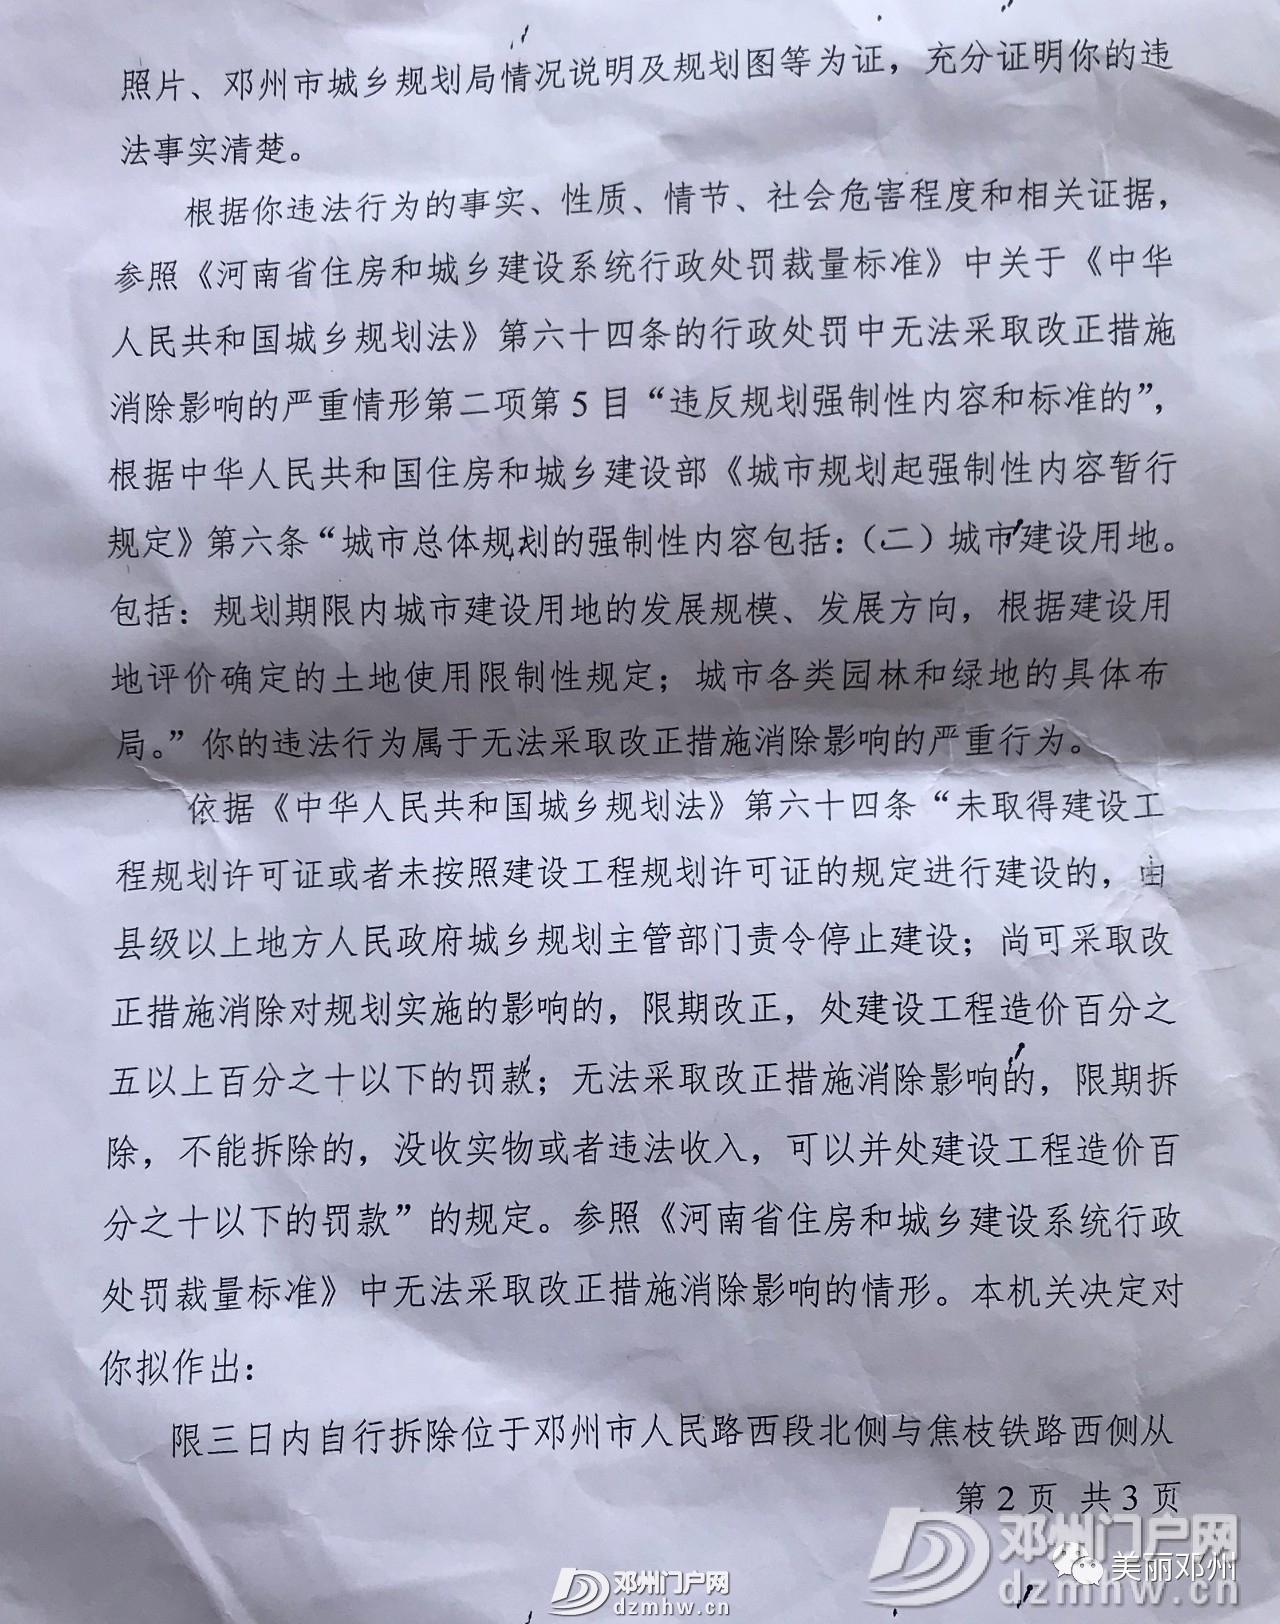 拆!拆!拆!邓州一孔桥旁已建成两年小区被强制拆除! - 邓州门户网|邓州网 - 7a83a862bcd5bcd8ea896c9dbb15276b.jpg